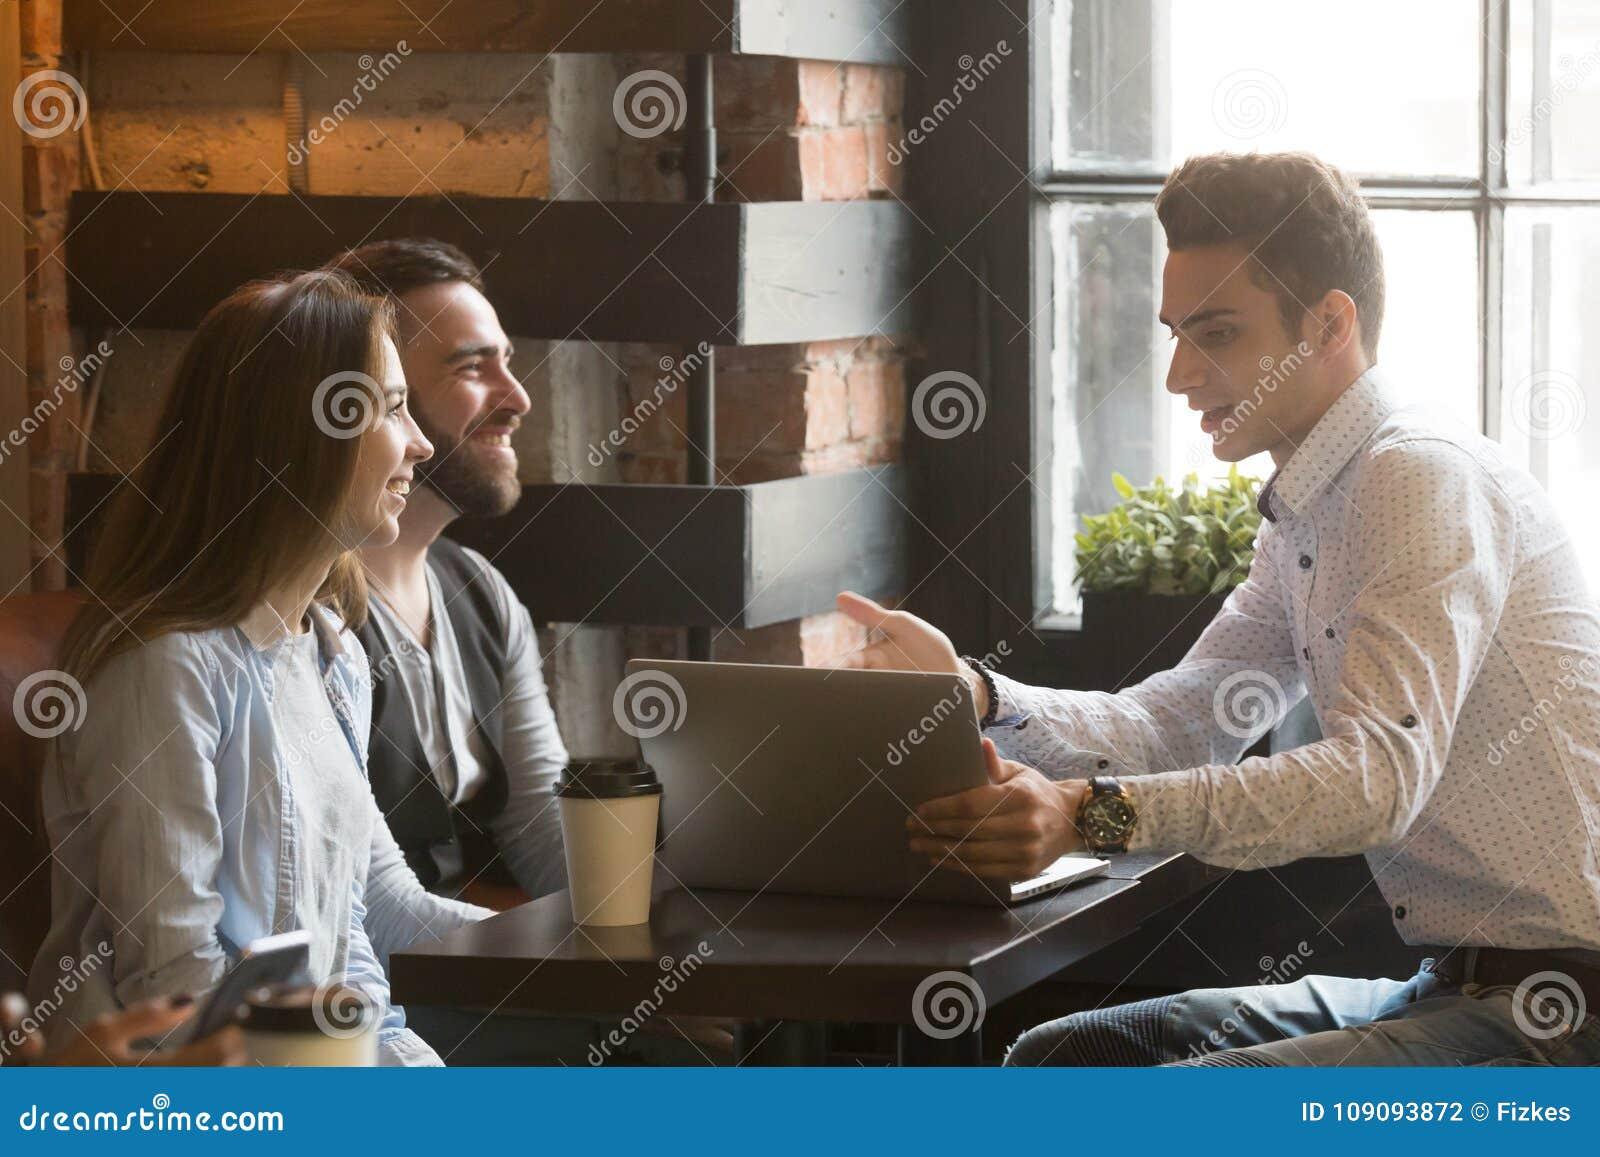 给予条件的保险经纪人或推销员结合在咖啡馆